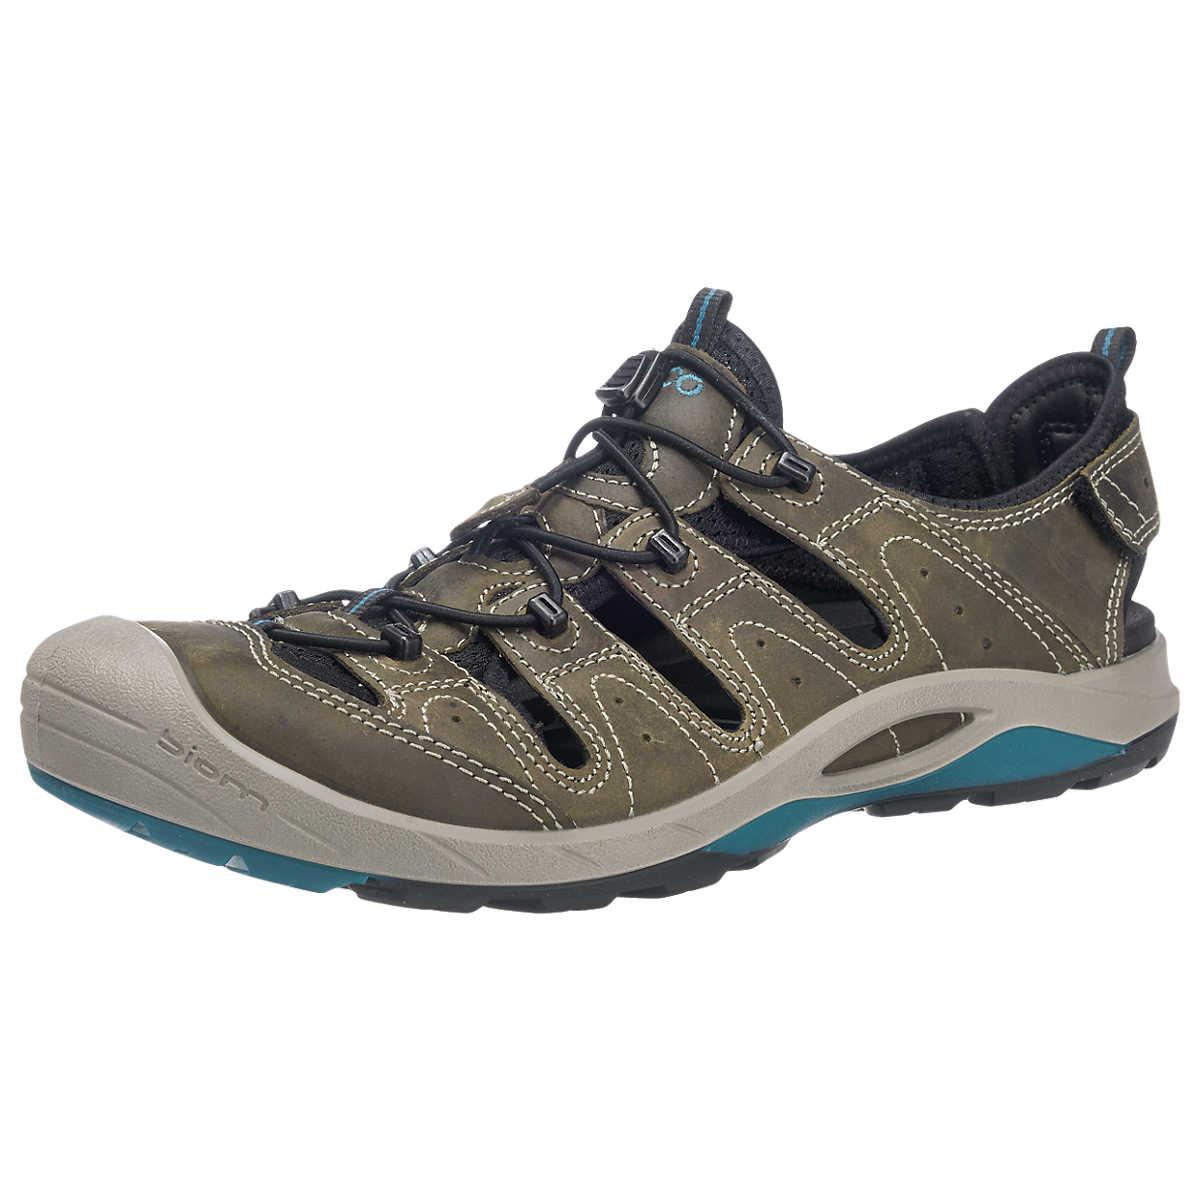 ecco Biom Delta Sandalen khaki - ecco - Sandalen - Schuhe - mirapodo.de